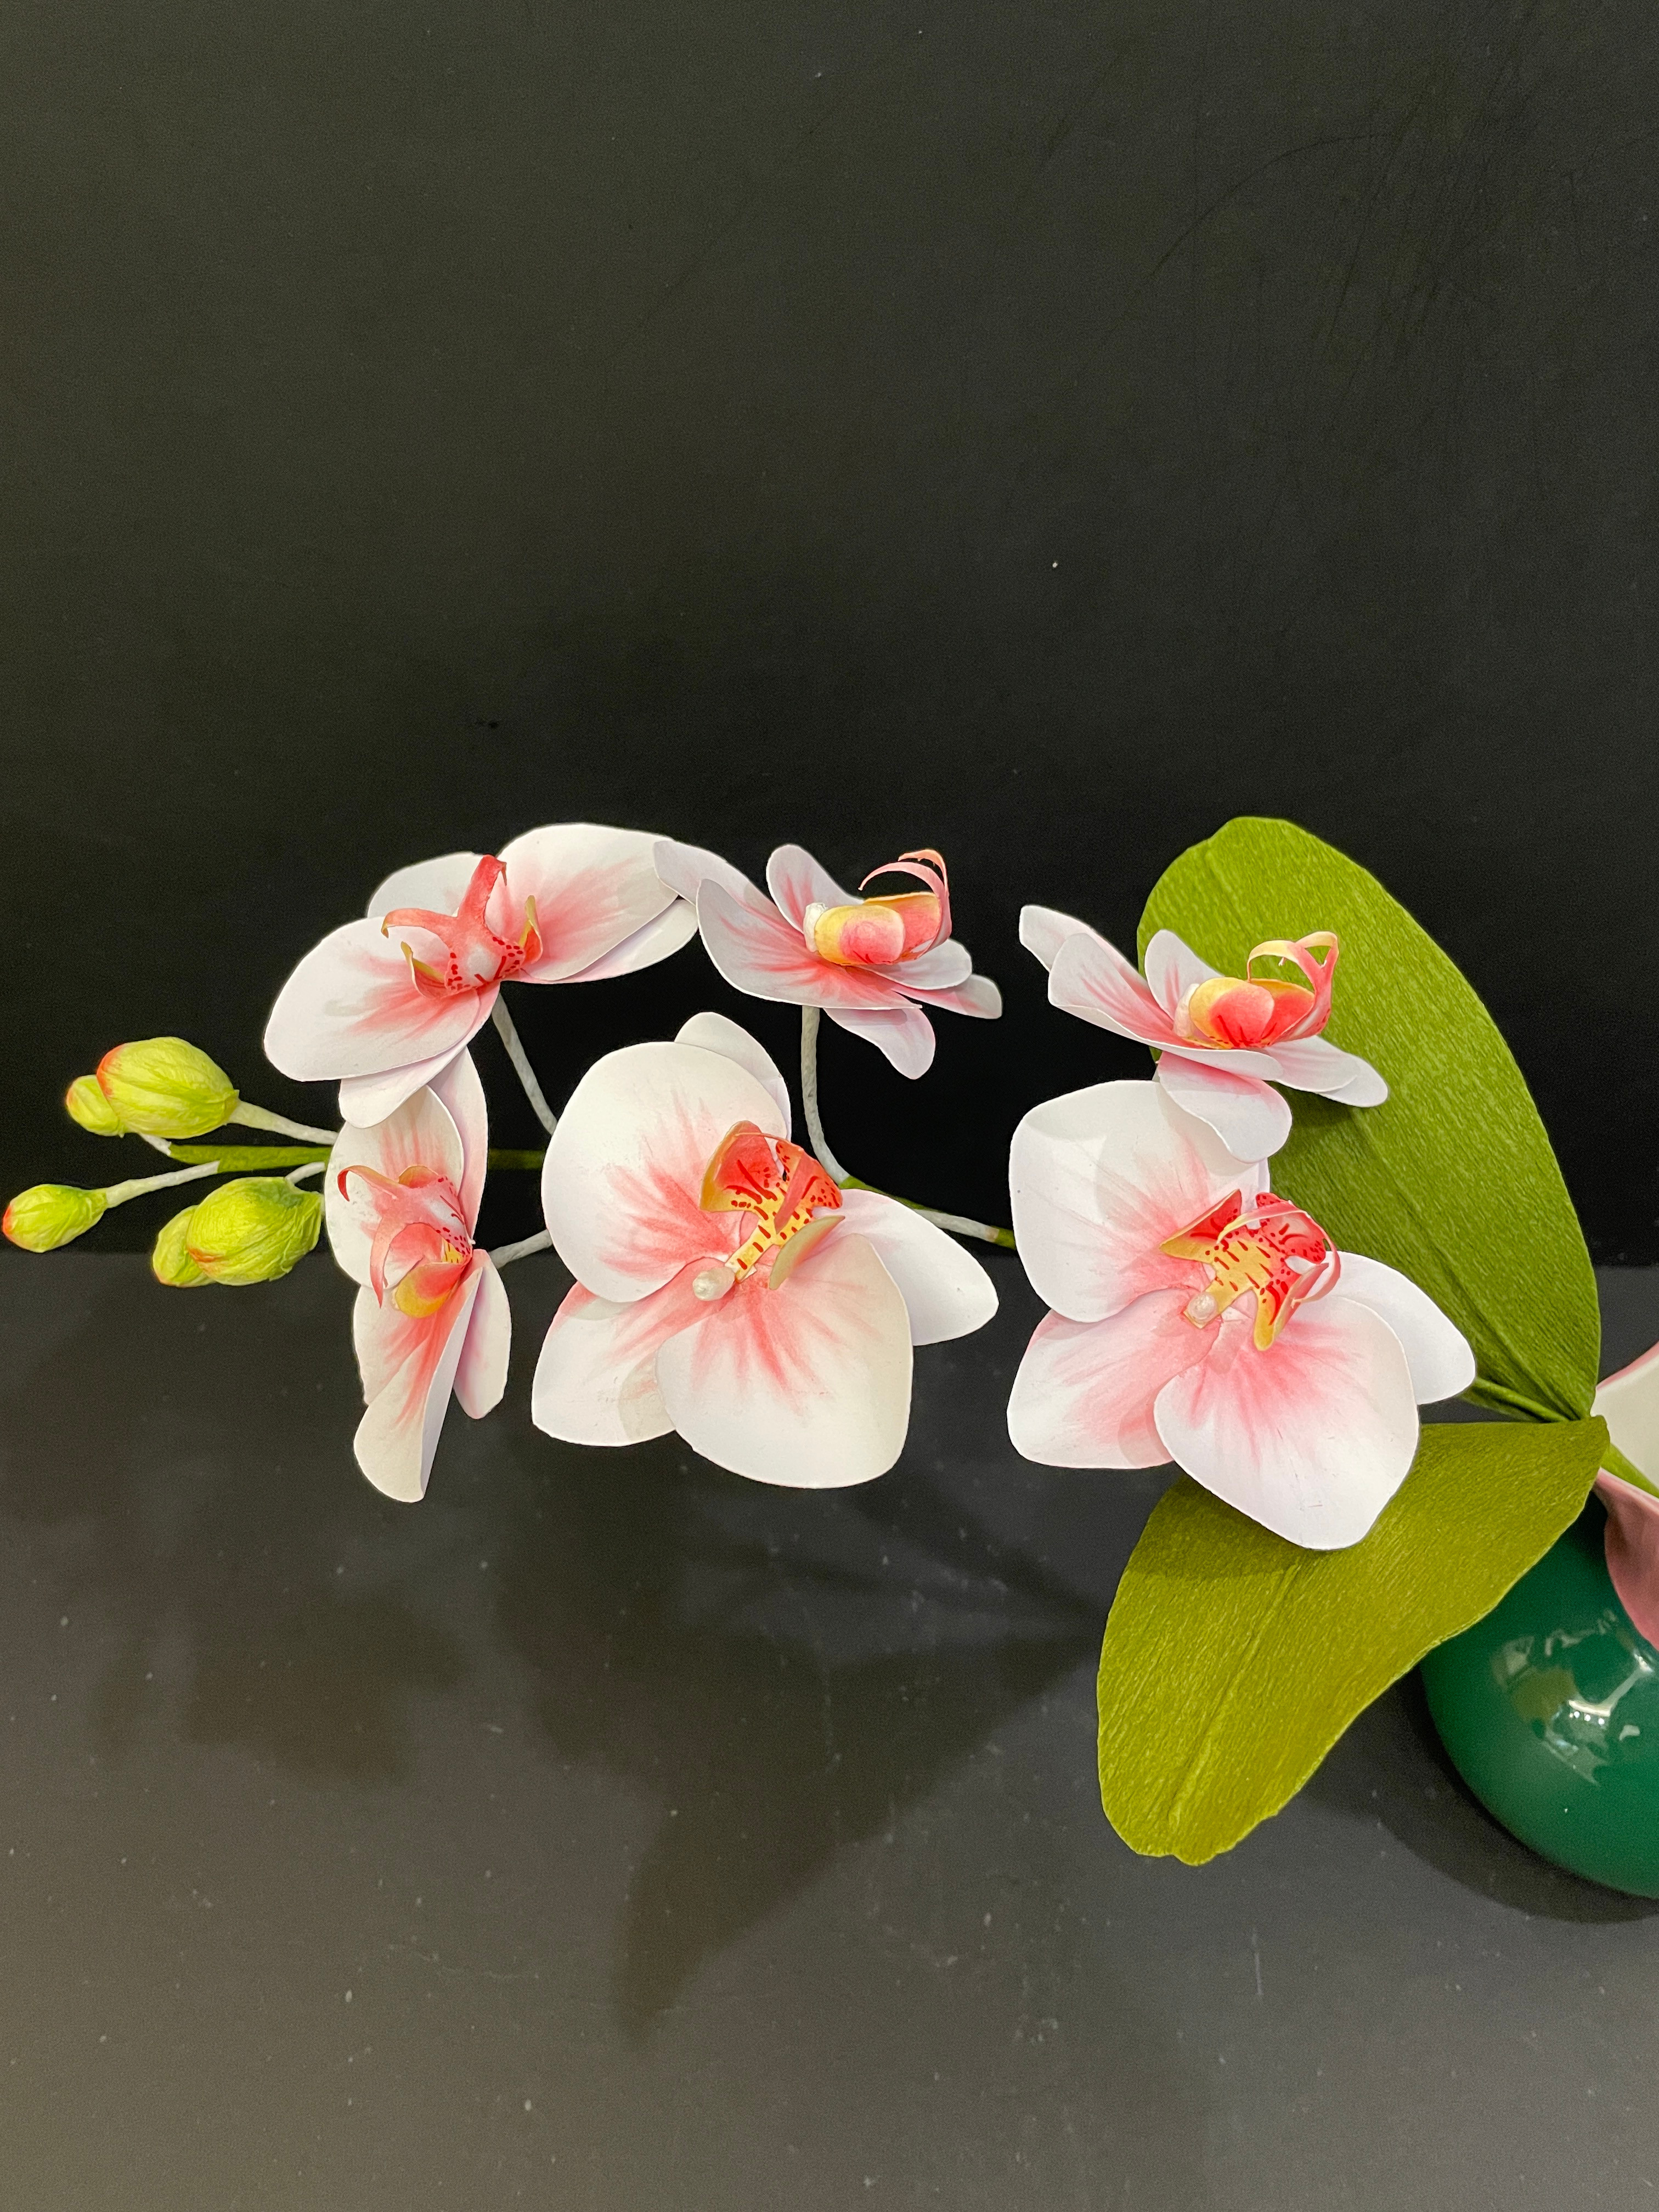 Workshop for orchids